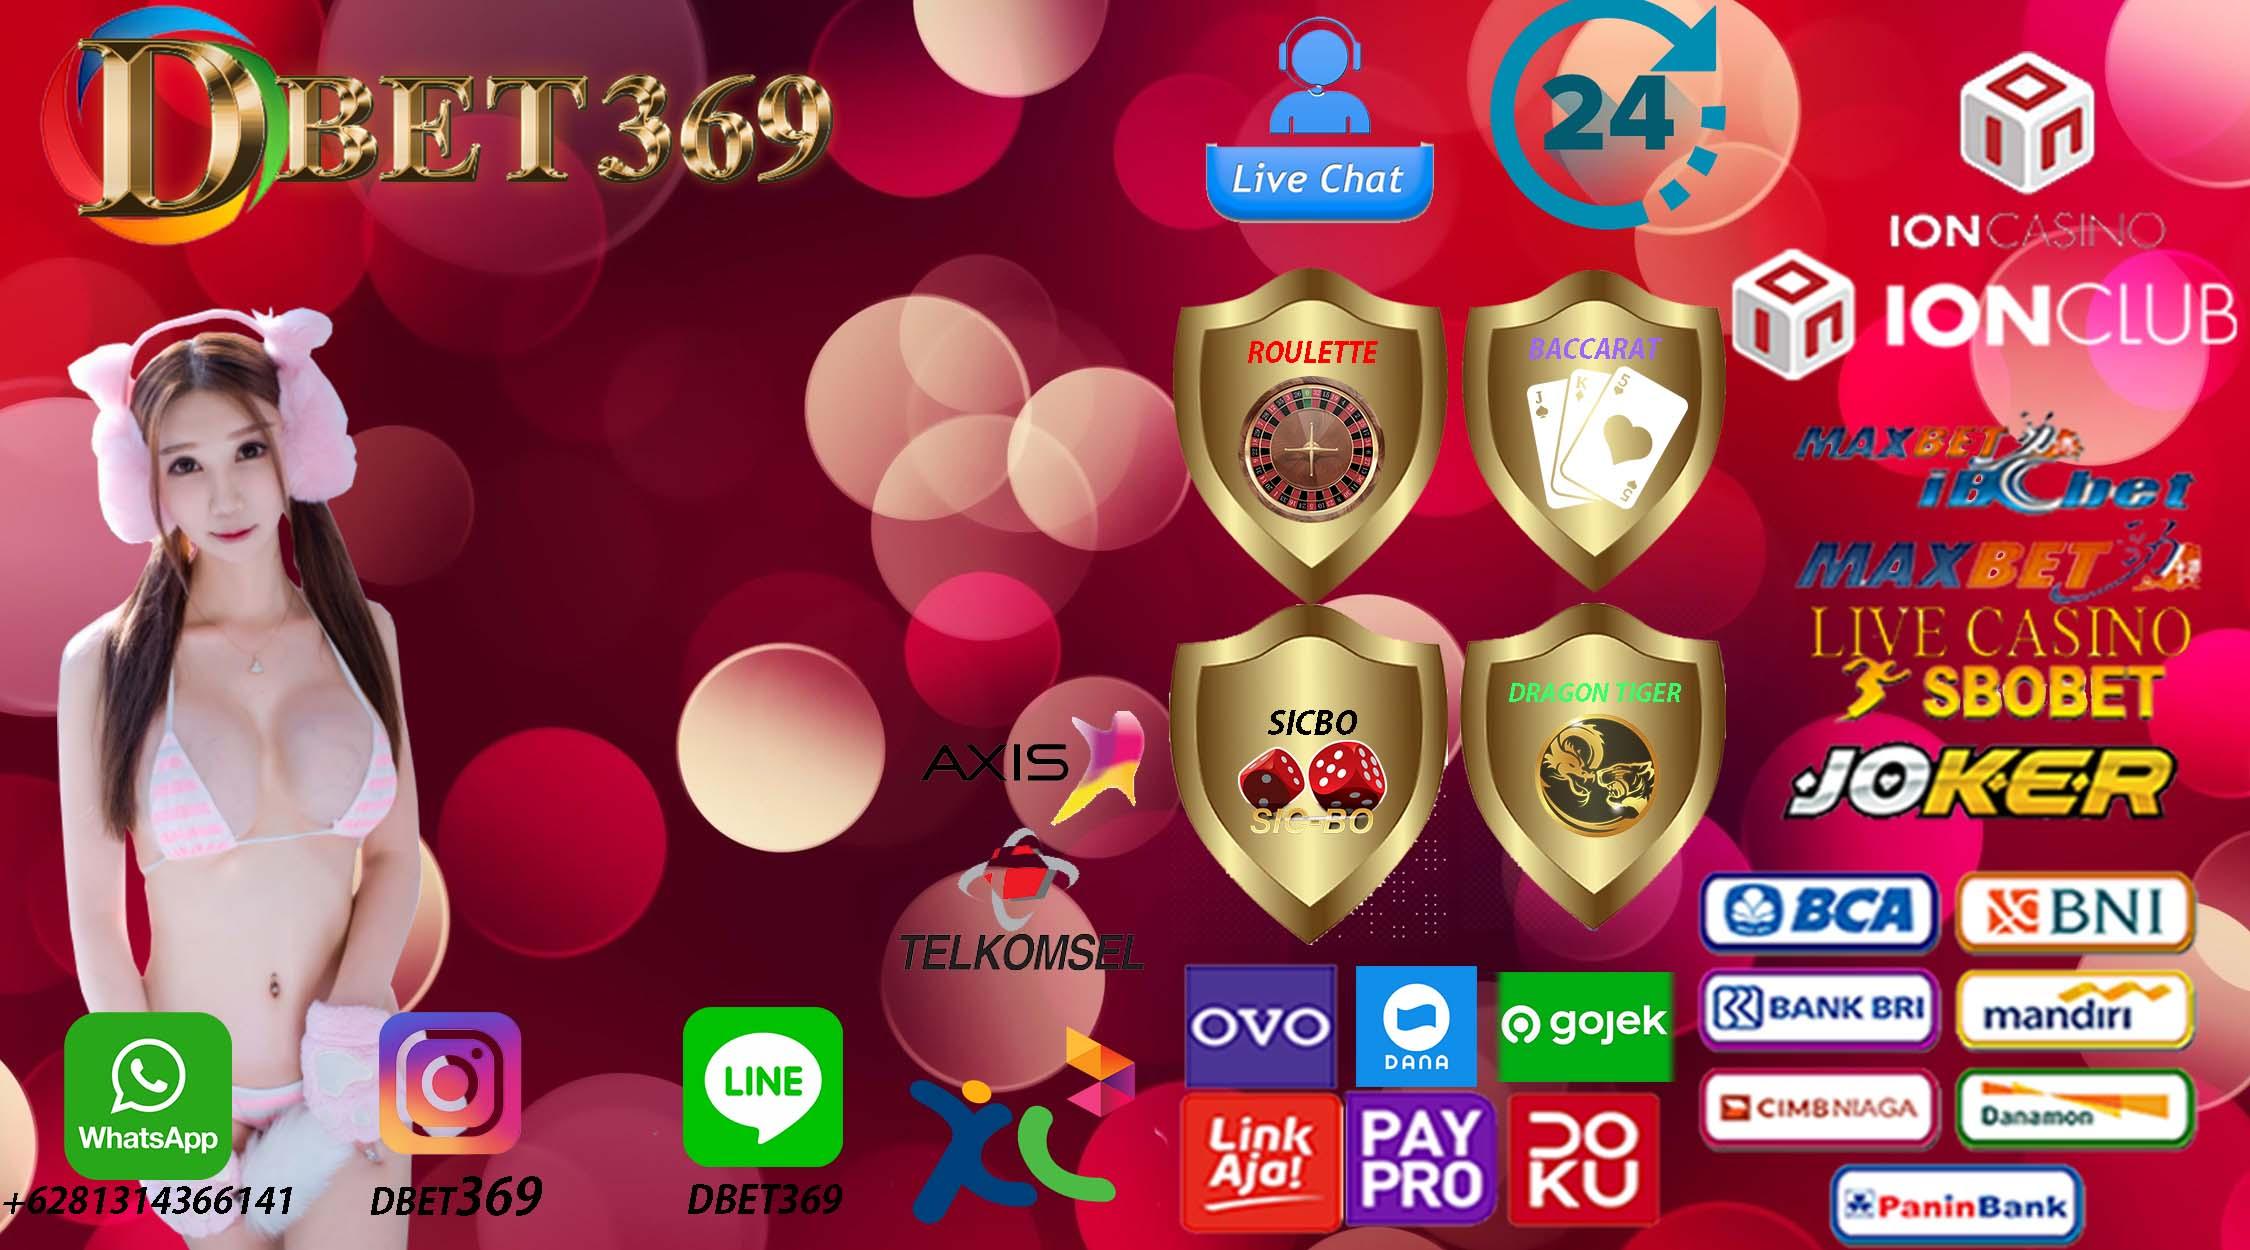 Situs Ibcbet Deposit Mandiri Online 24 Jam